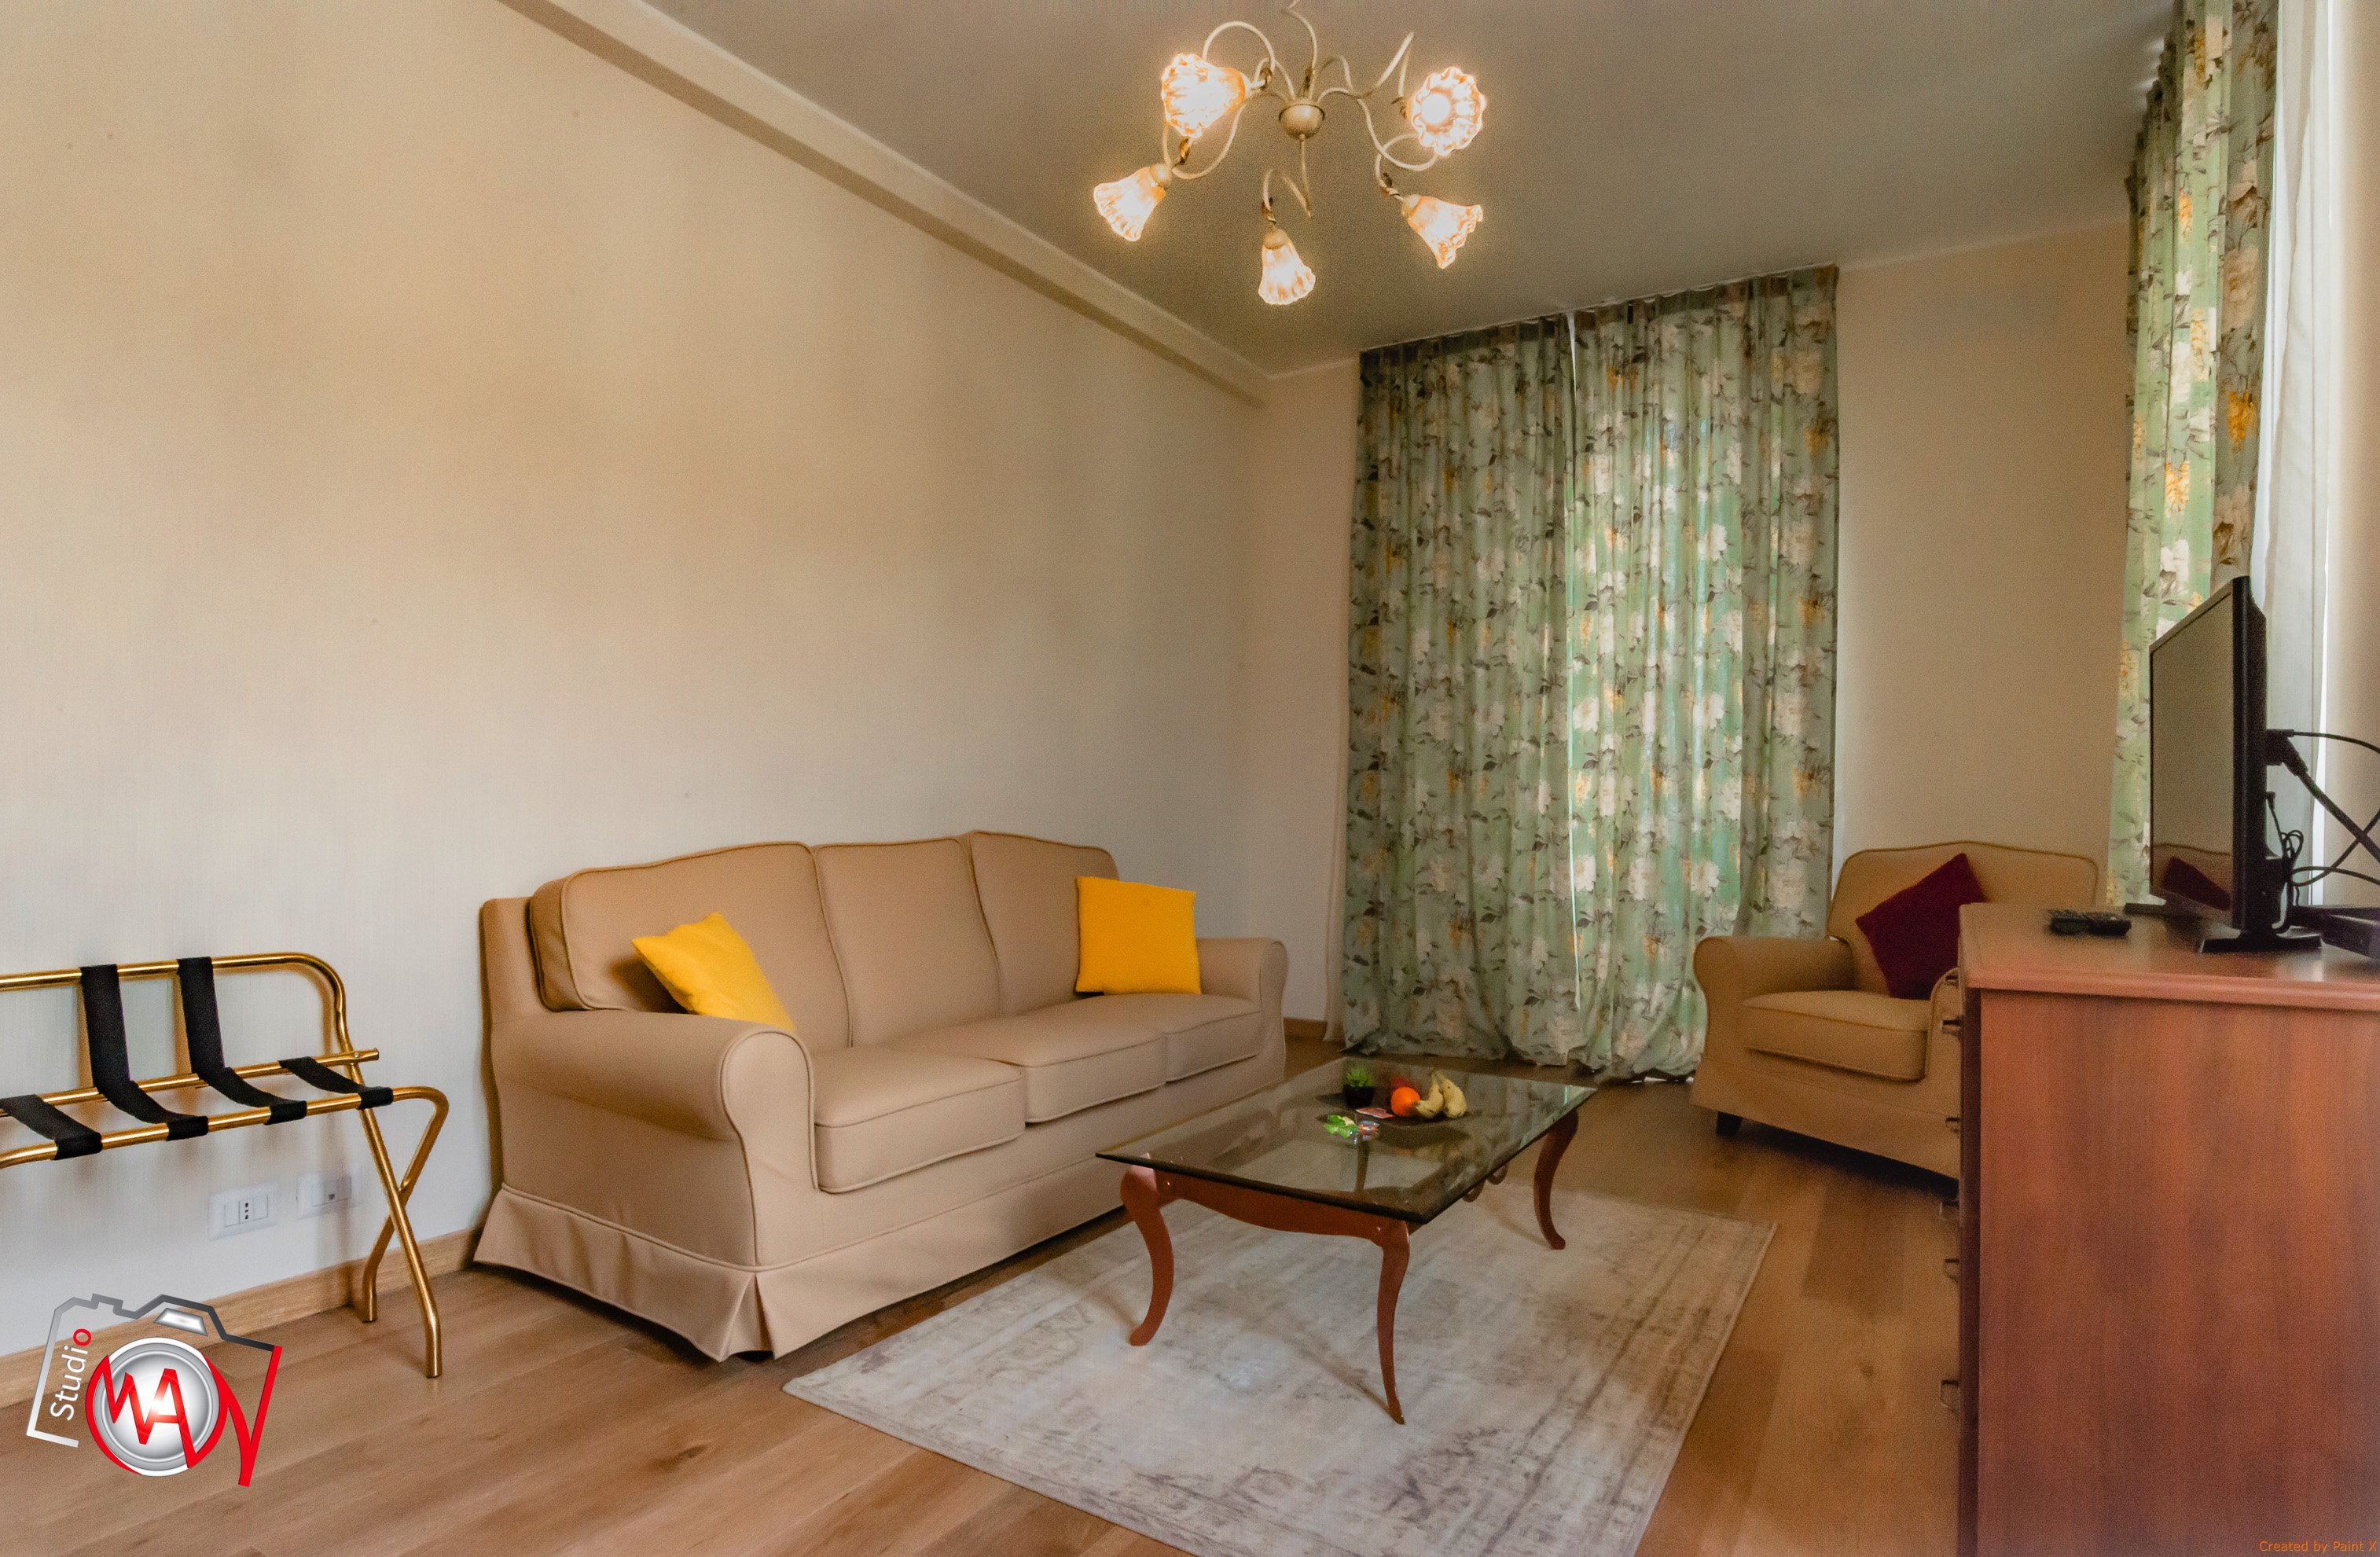 Salotto della suite con divani